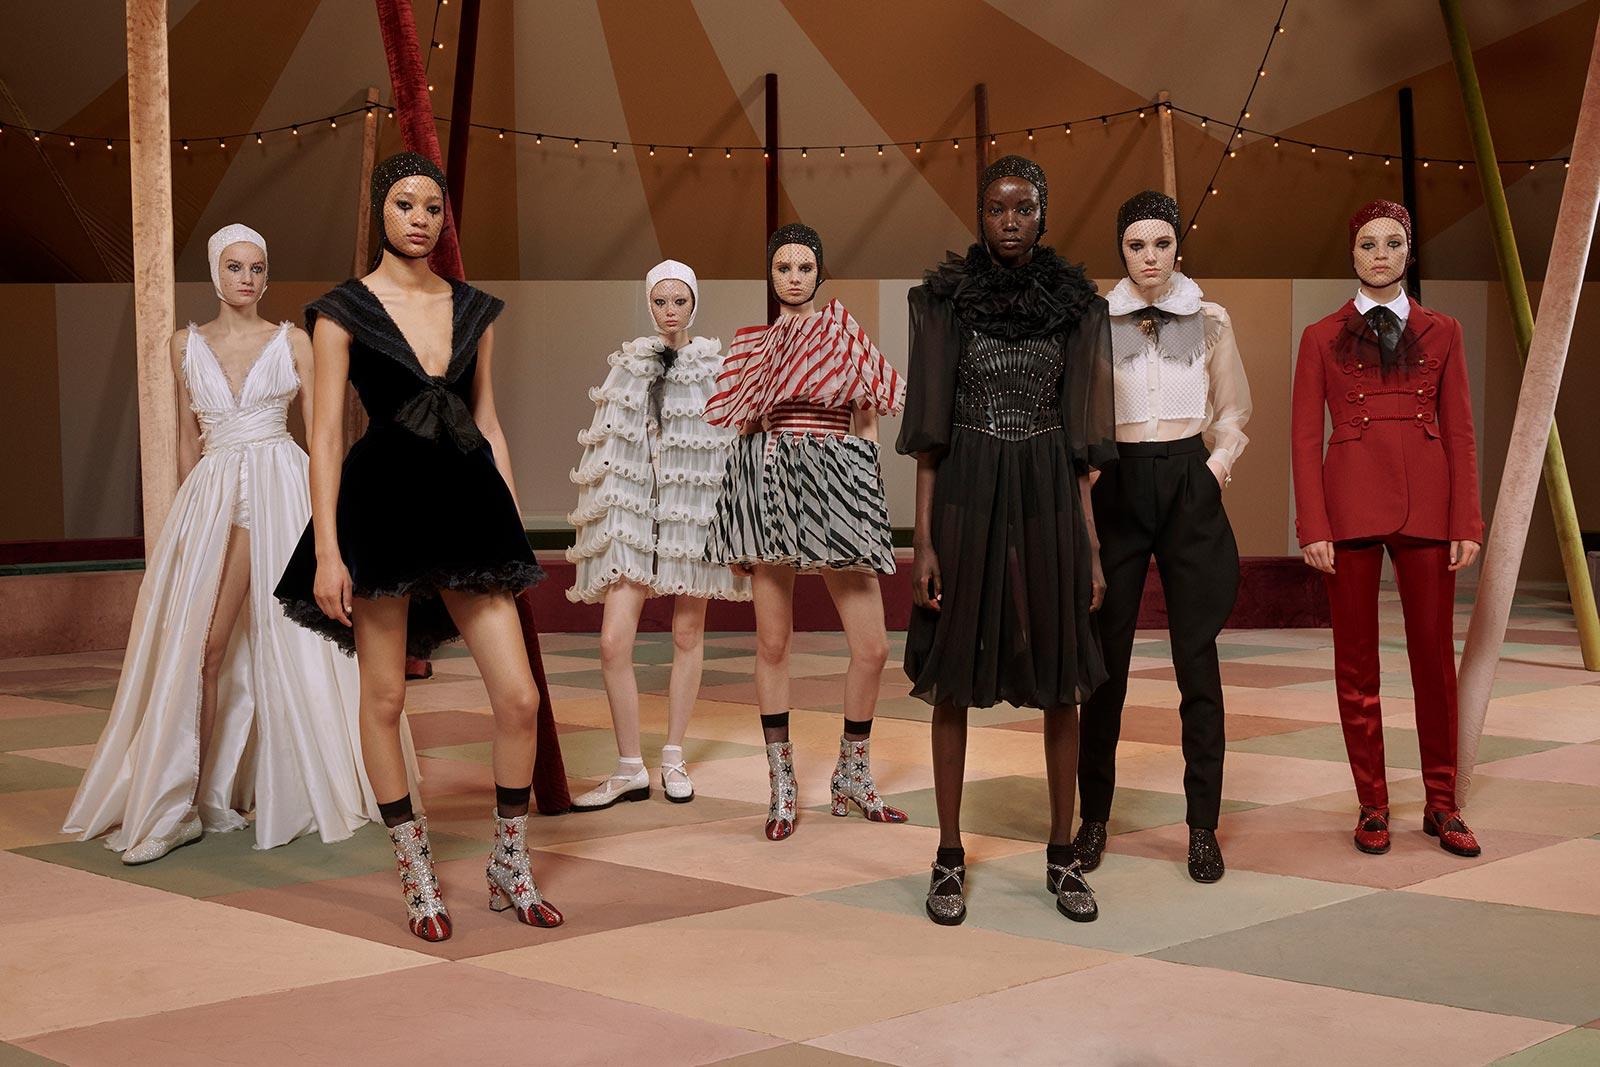 Circo Haute Couture Dior Spring-Summer Groupshot - Estelle Hanania for Dior